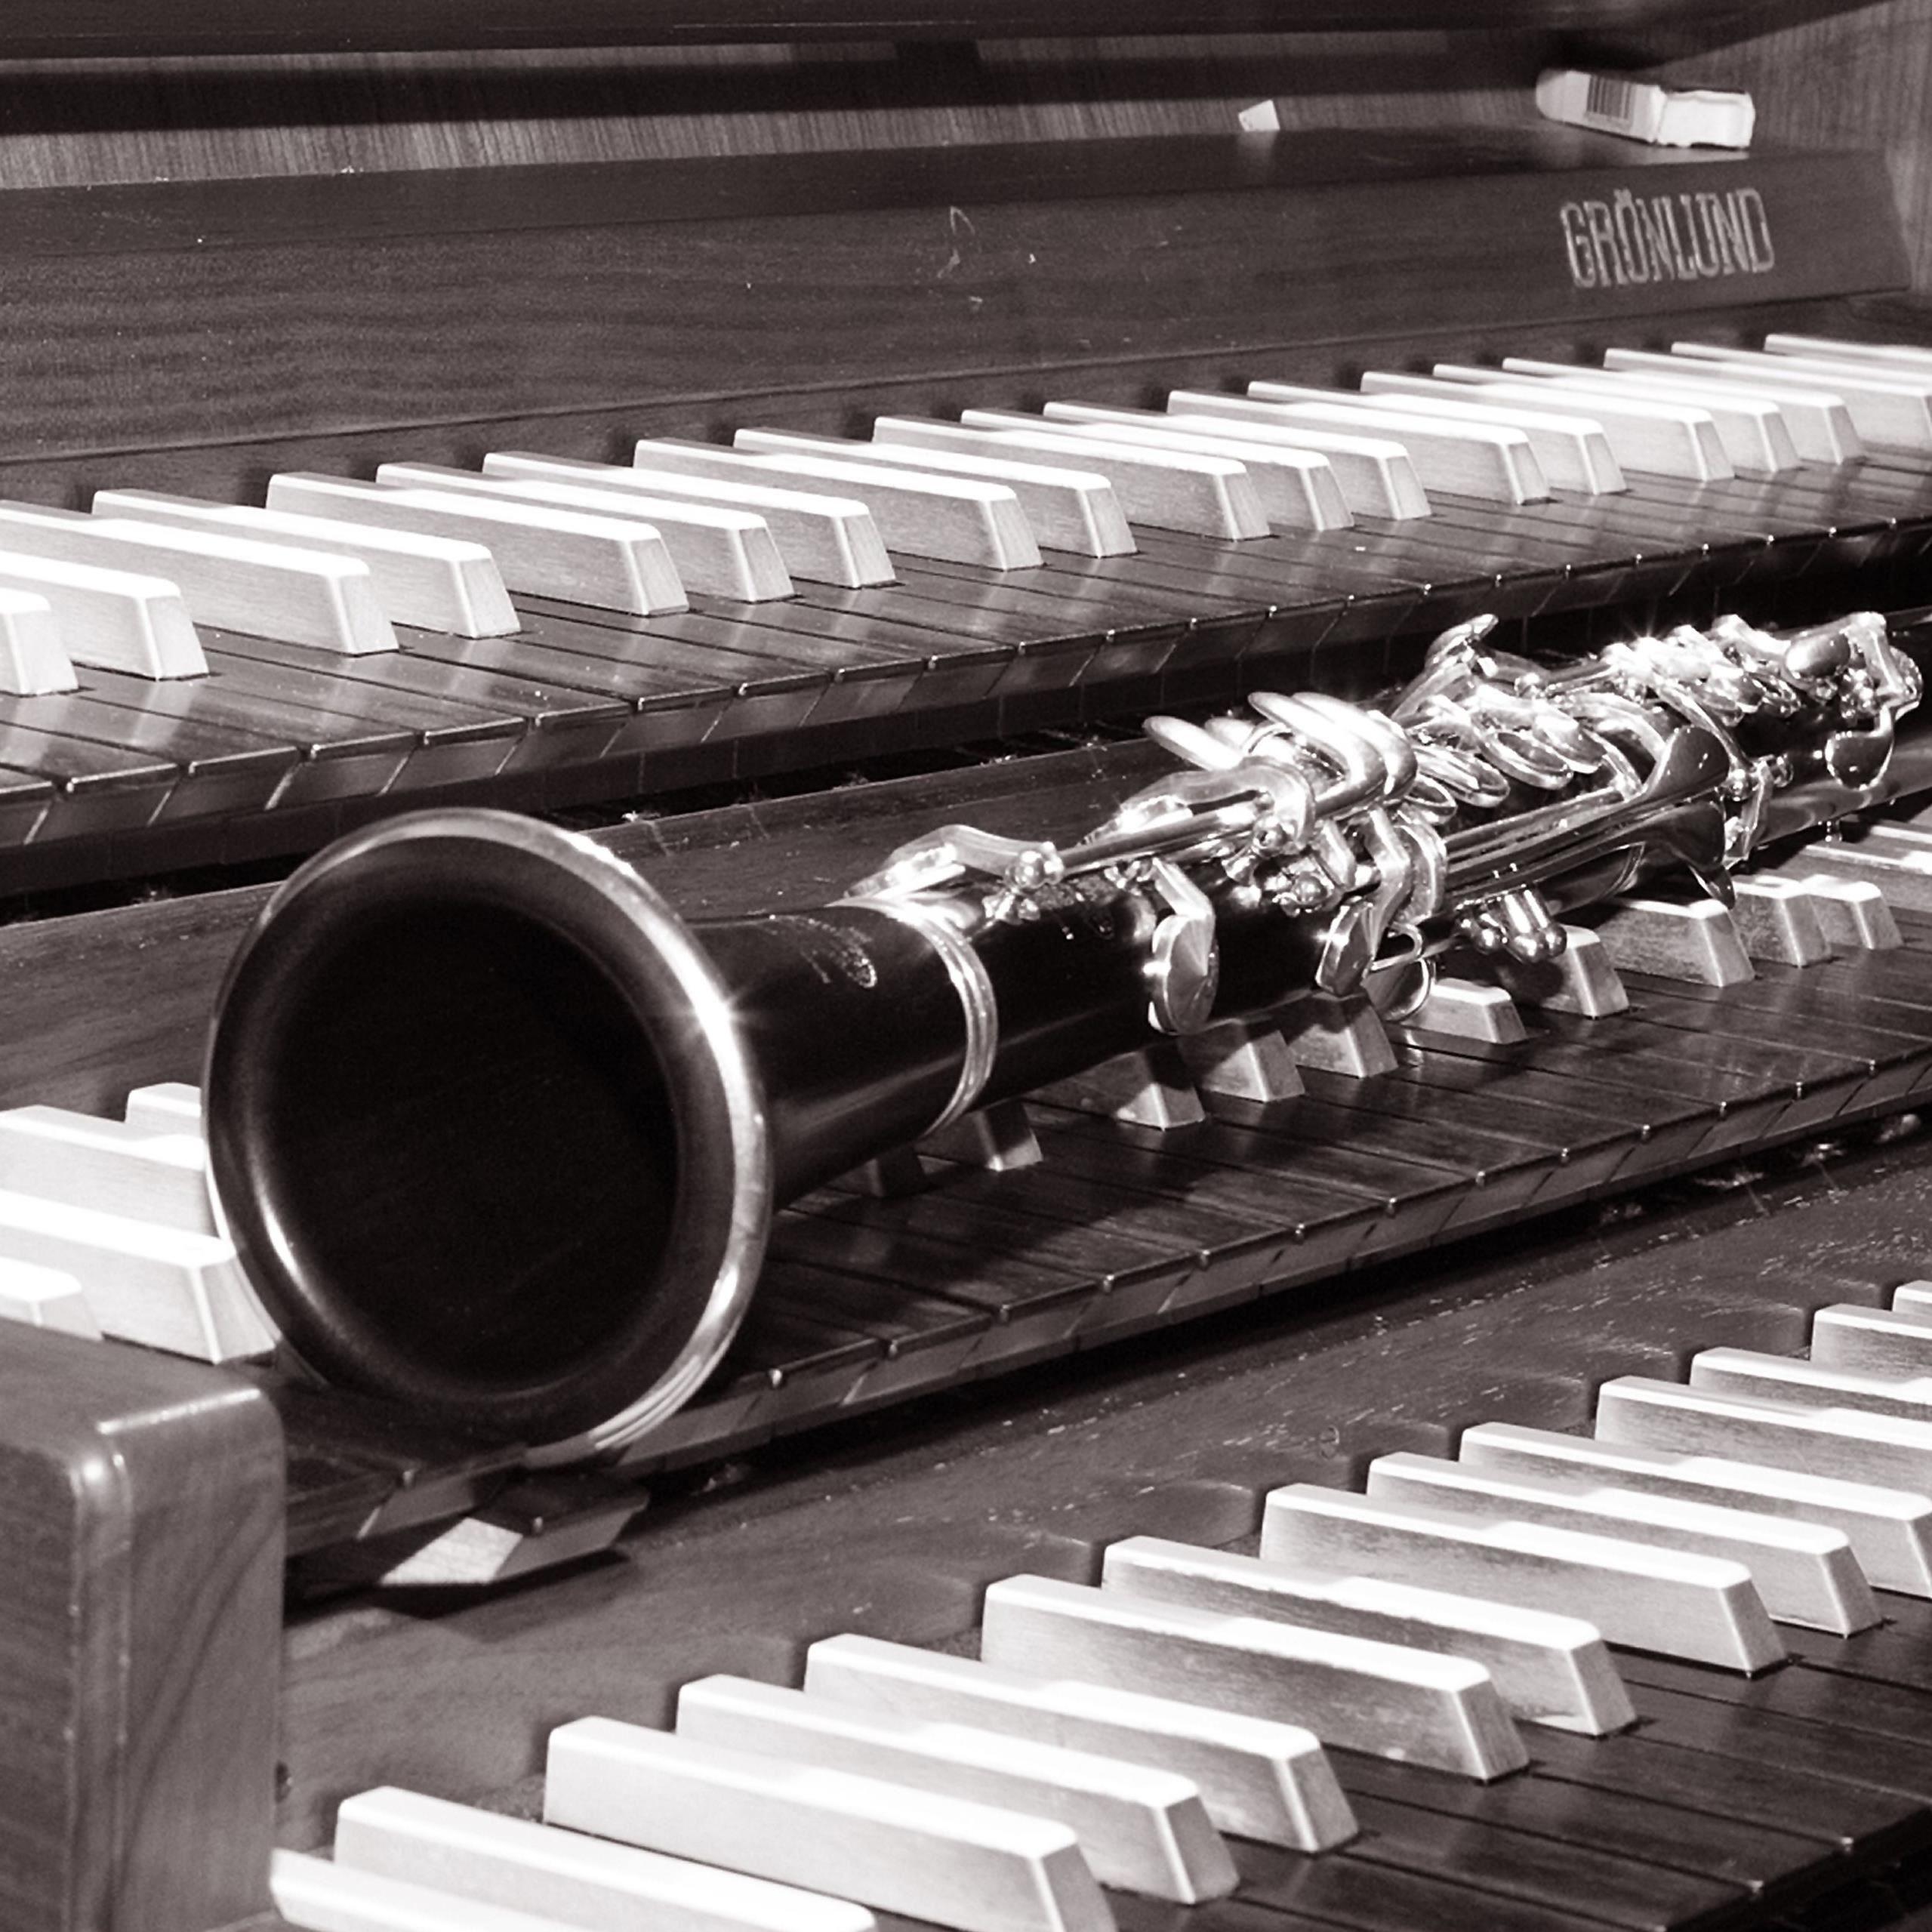 Konsert: Serenade in blue